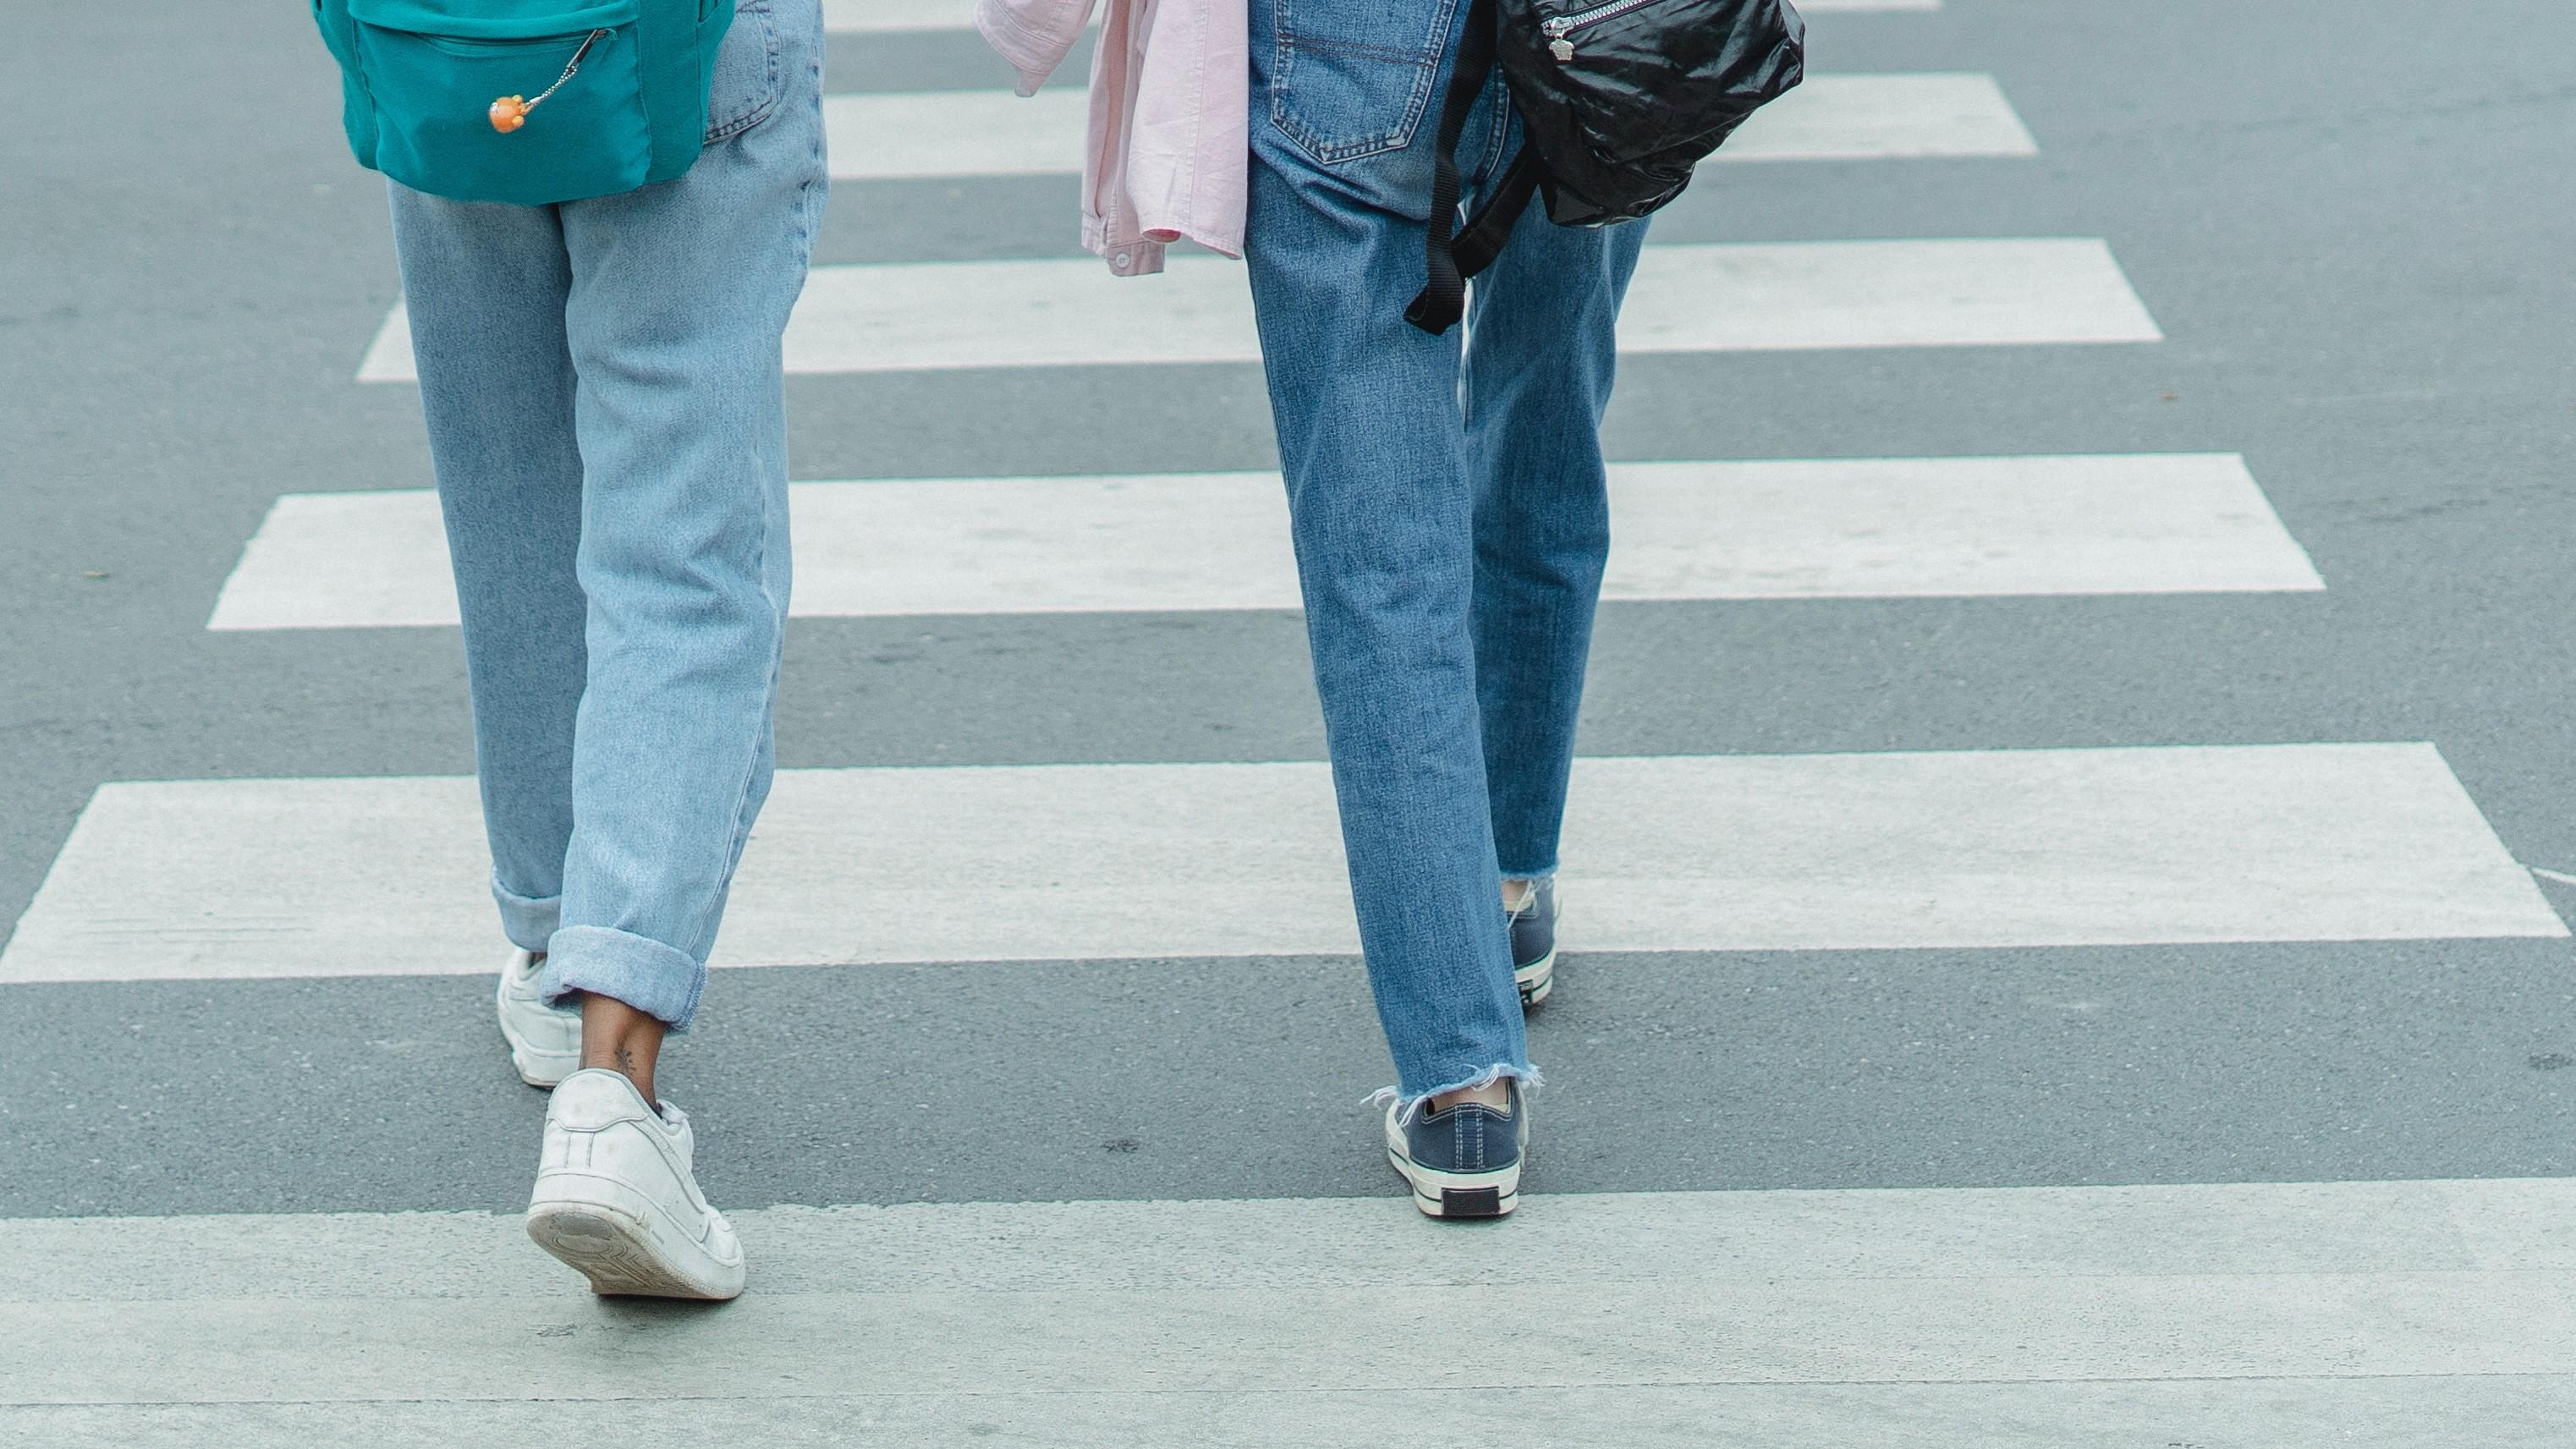 przejście dla pieszych pasy  - Pexels